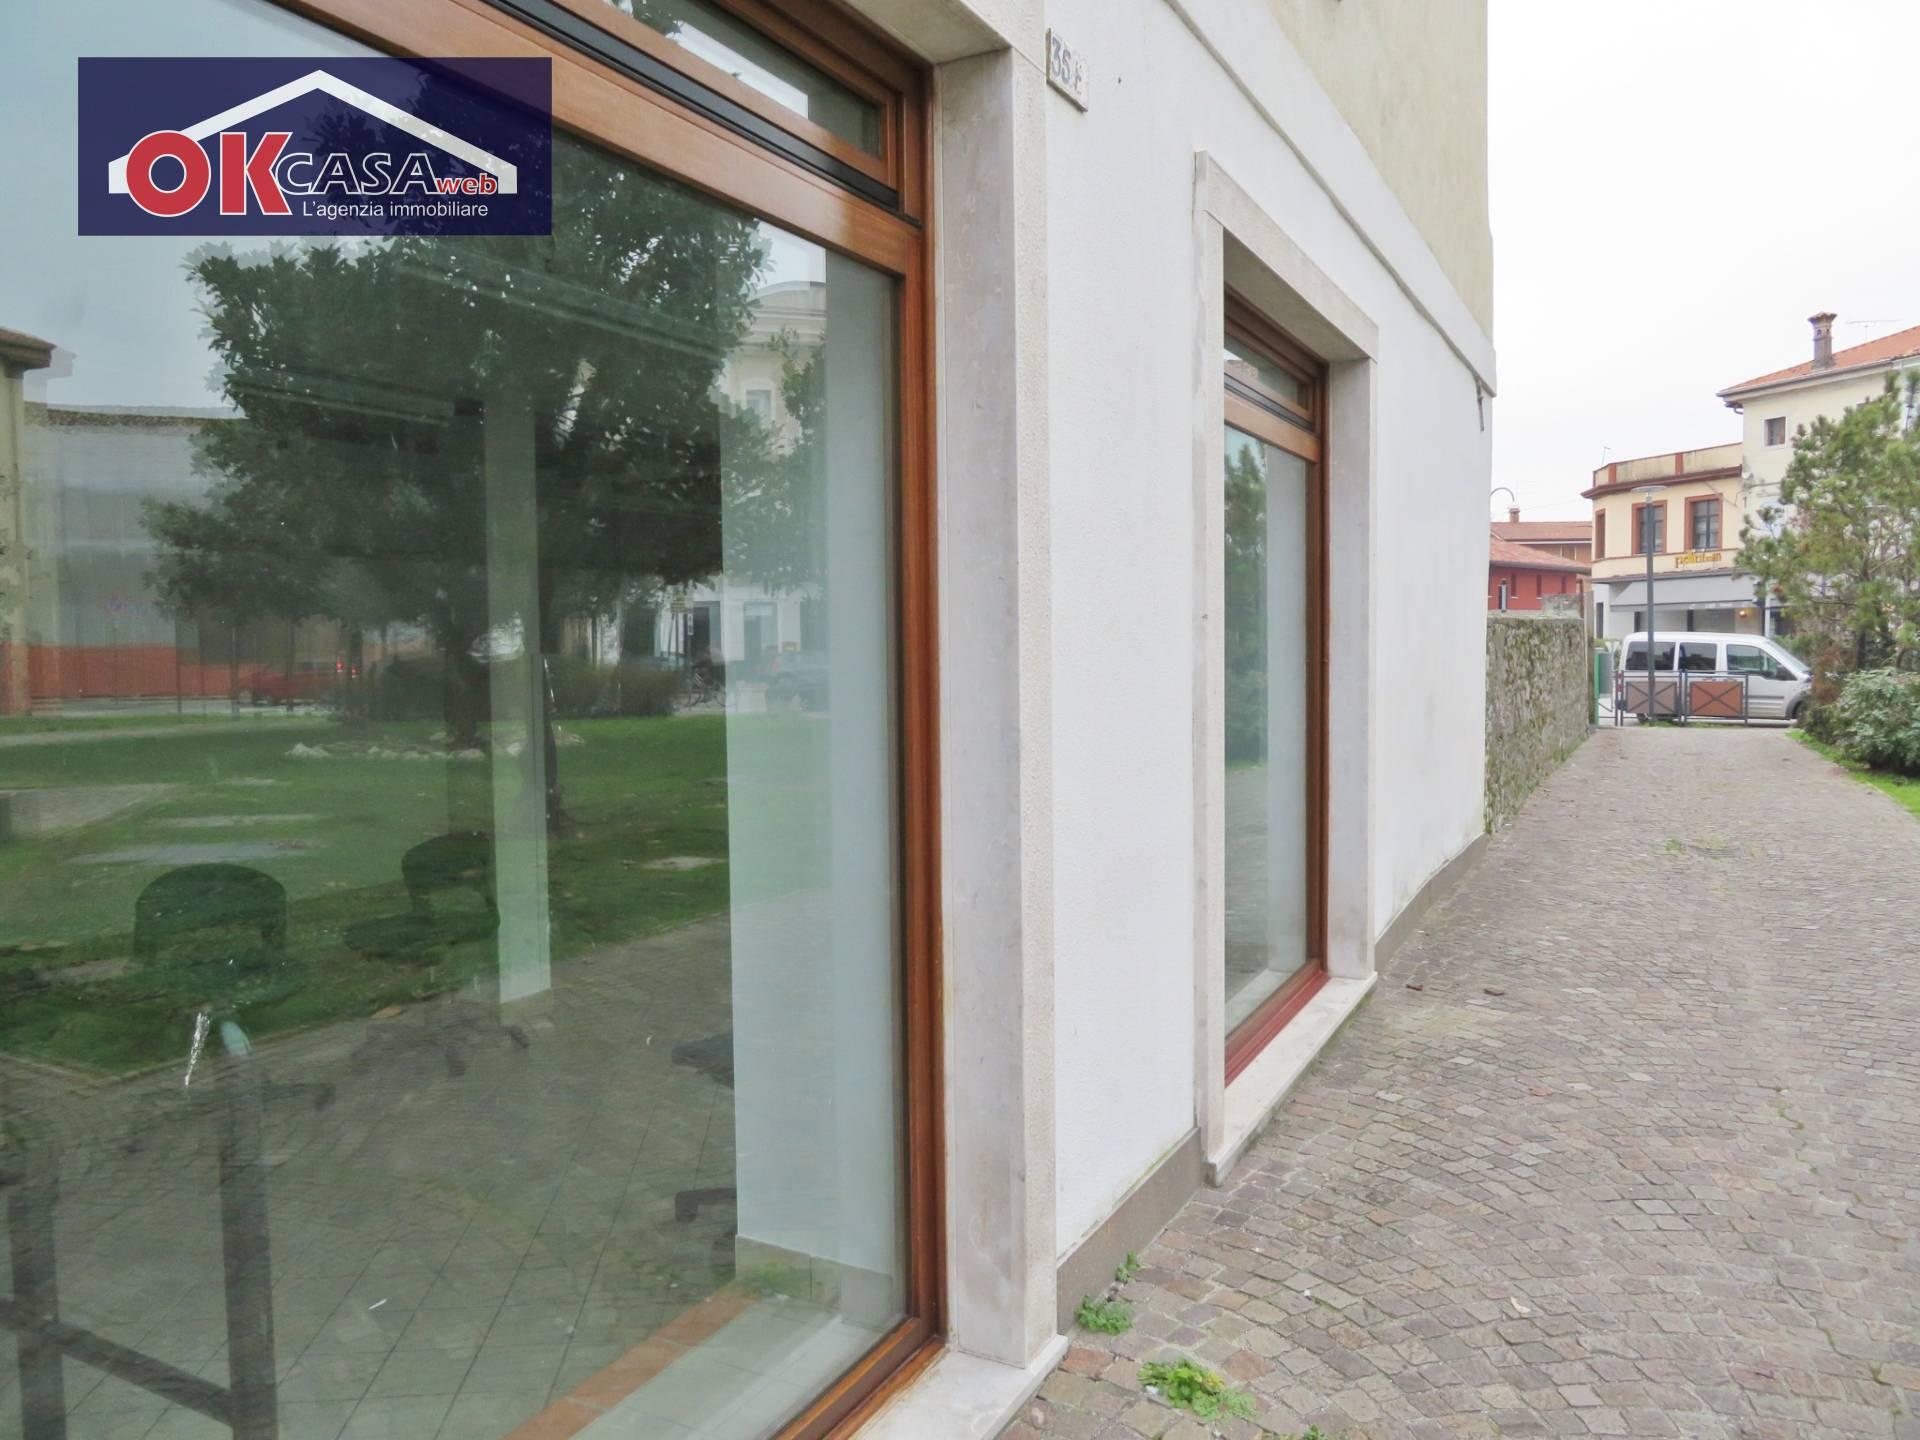 Attività / Licenza in affitto a Ronchi dei Legionari, 9999 locali, prezzo € 190.000 | CambioCasa.it